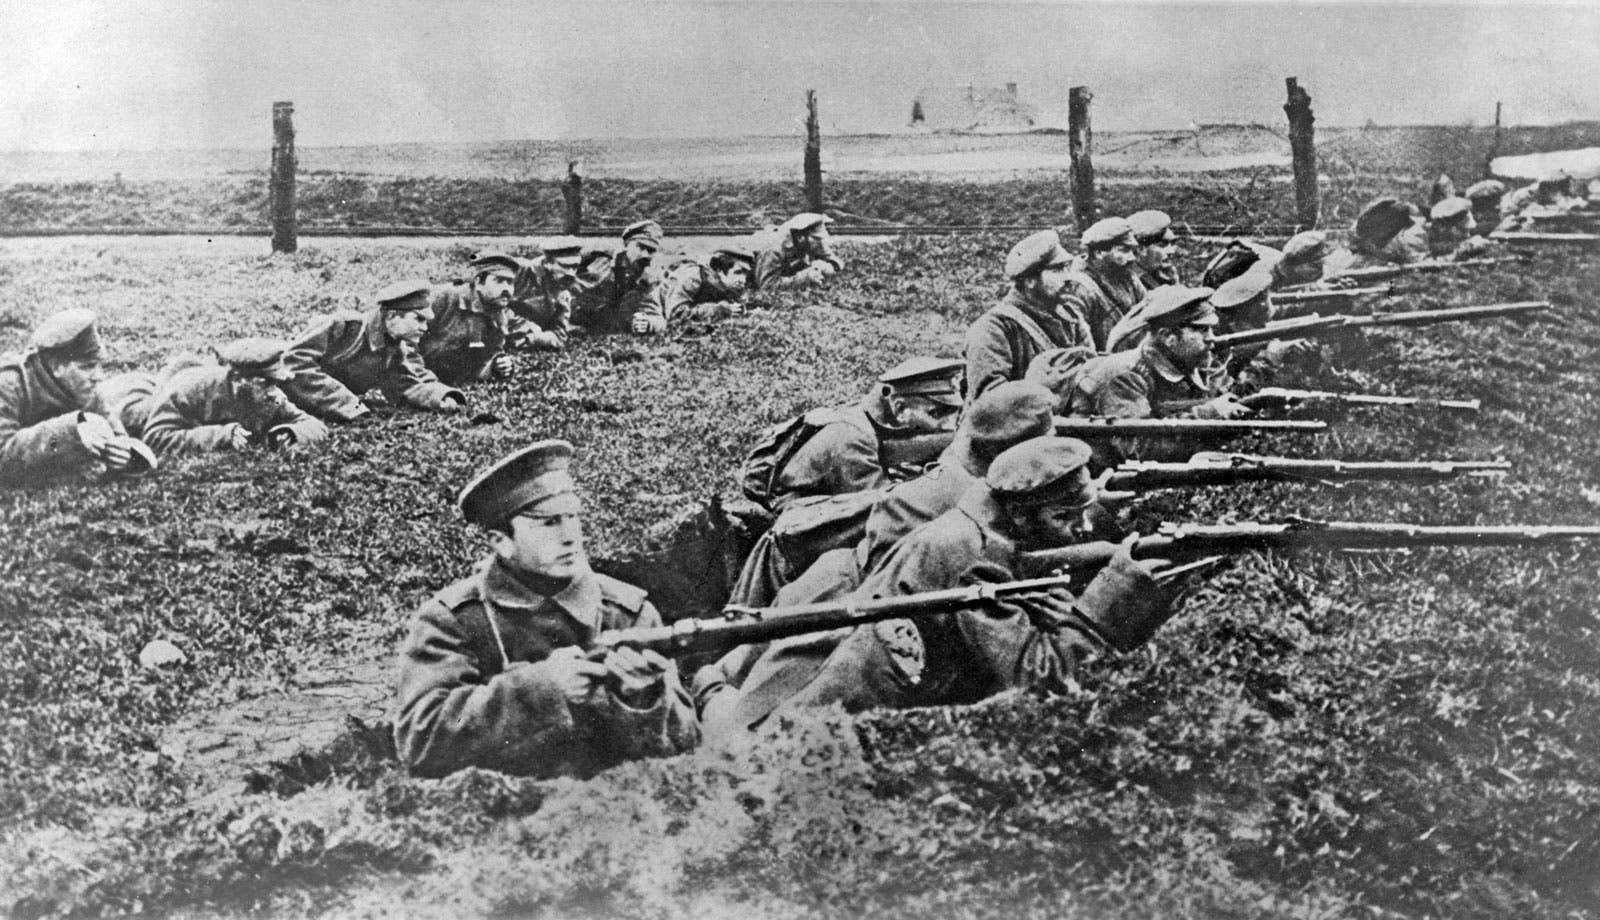 جانب من القوات الروسية بالحرب العالمية الأولى